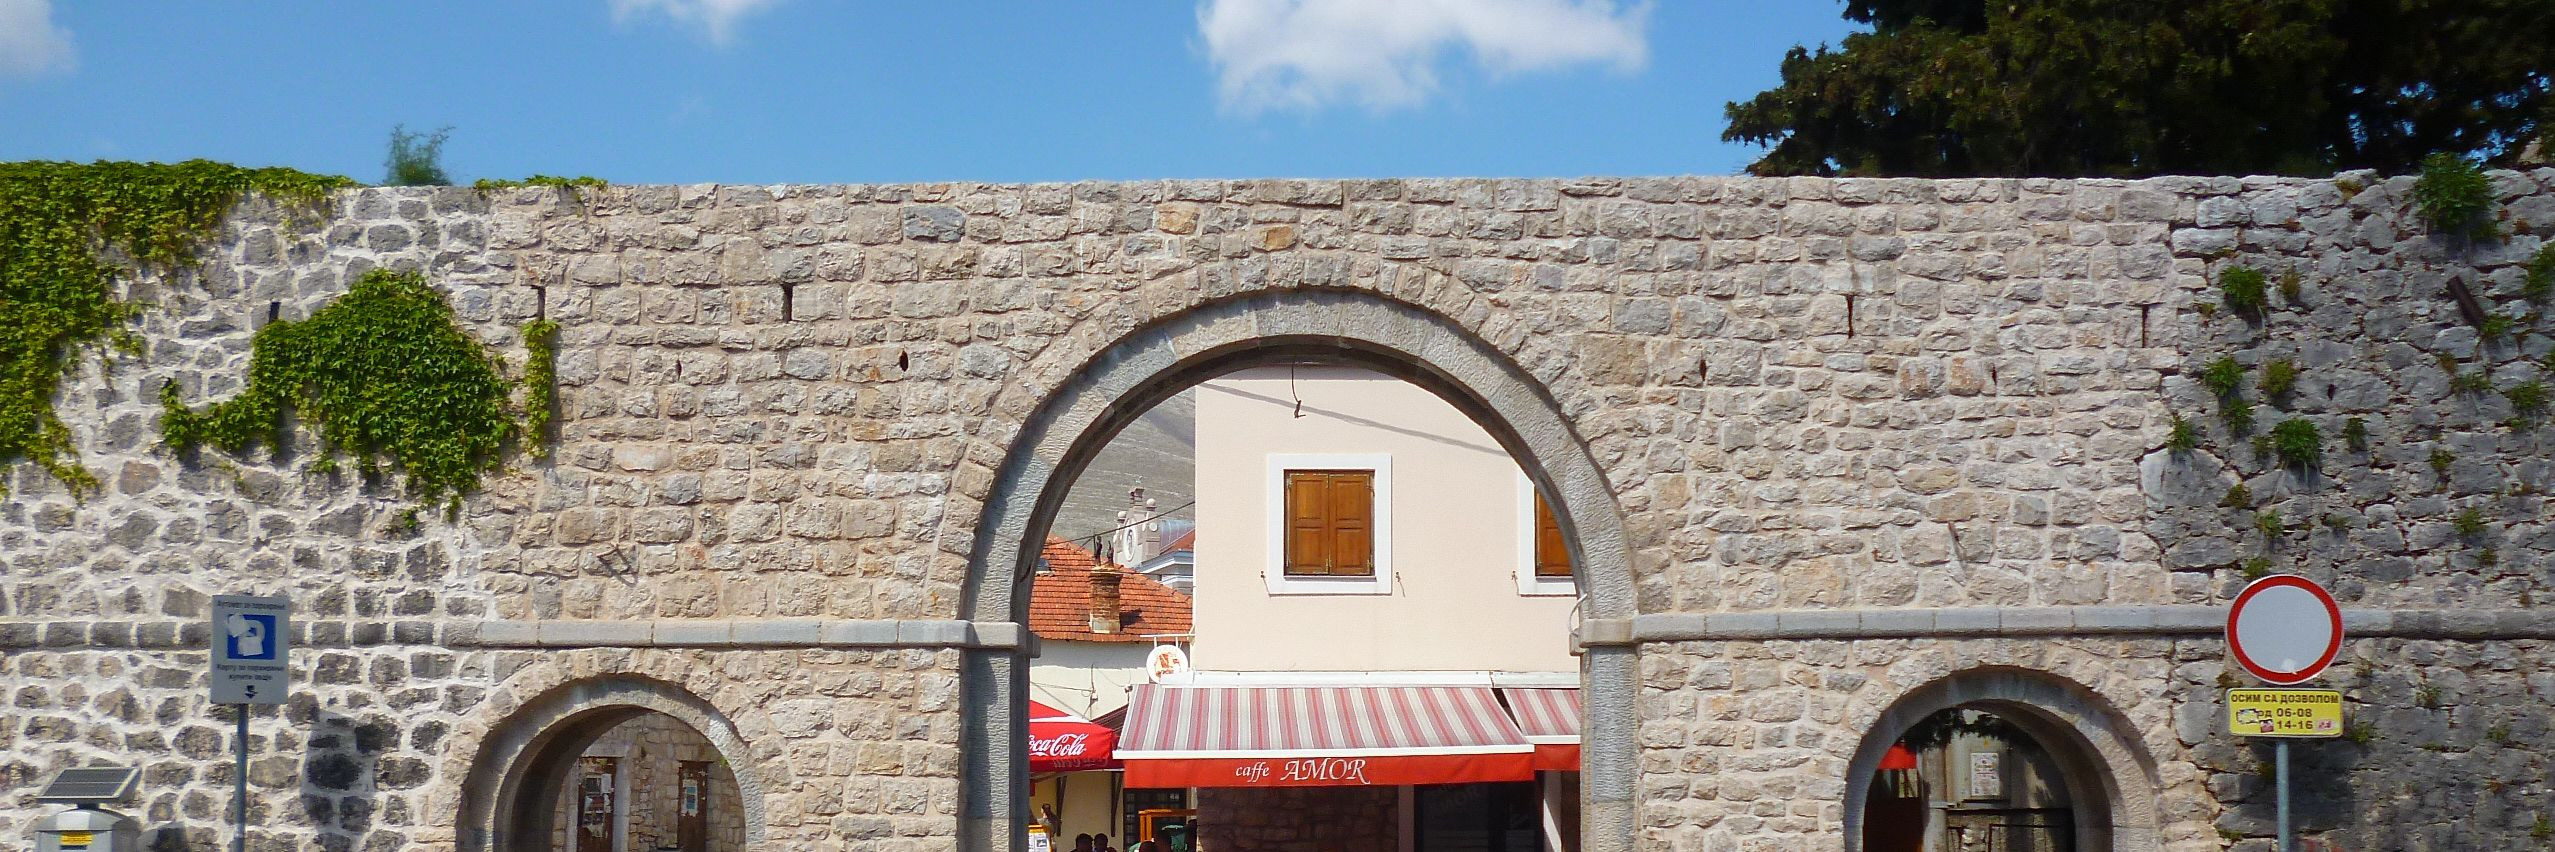 Южные ворота в Требине